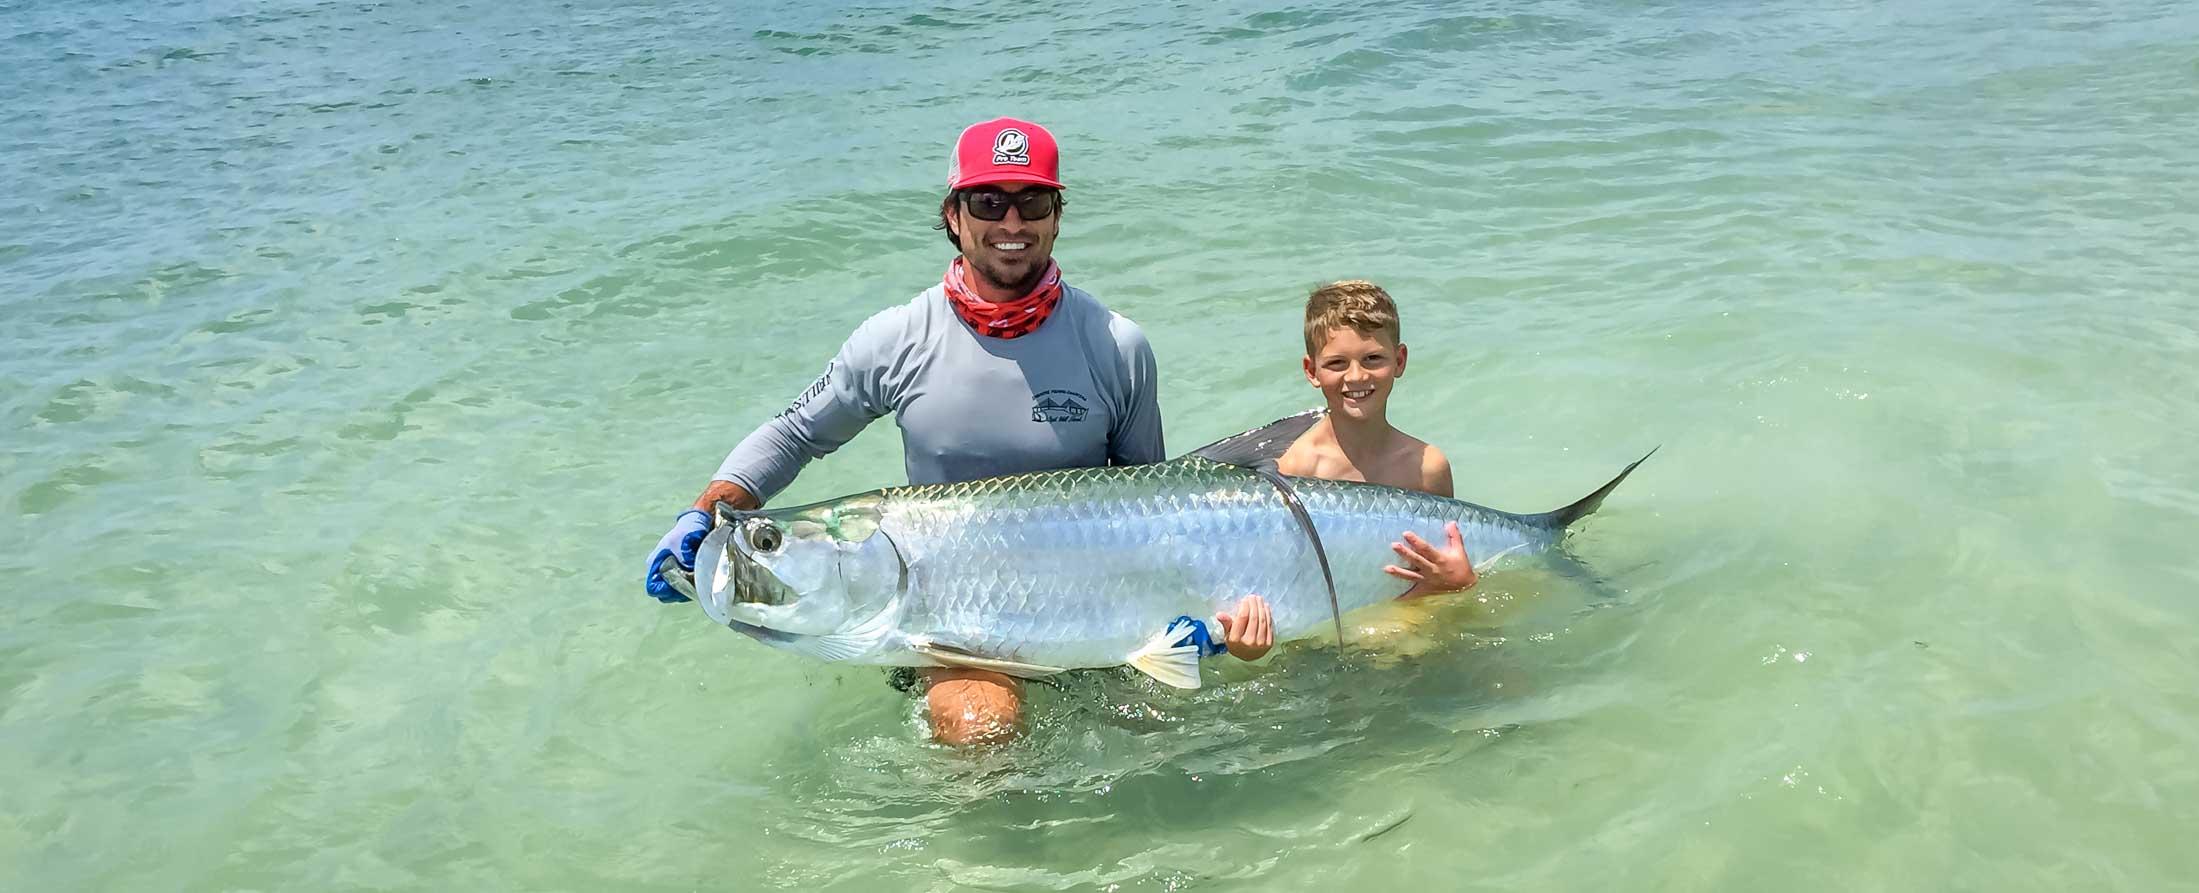 Tampa Tarpon Fishing Charter - Anglers with Tarpon